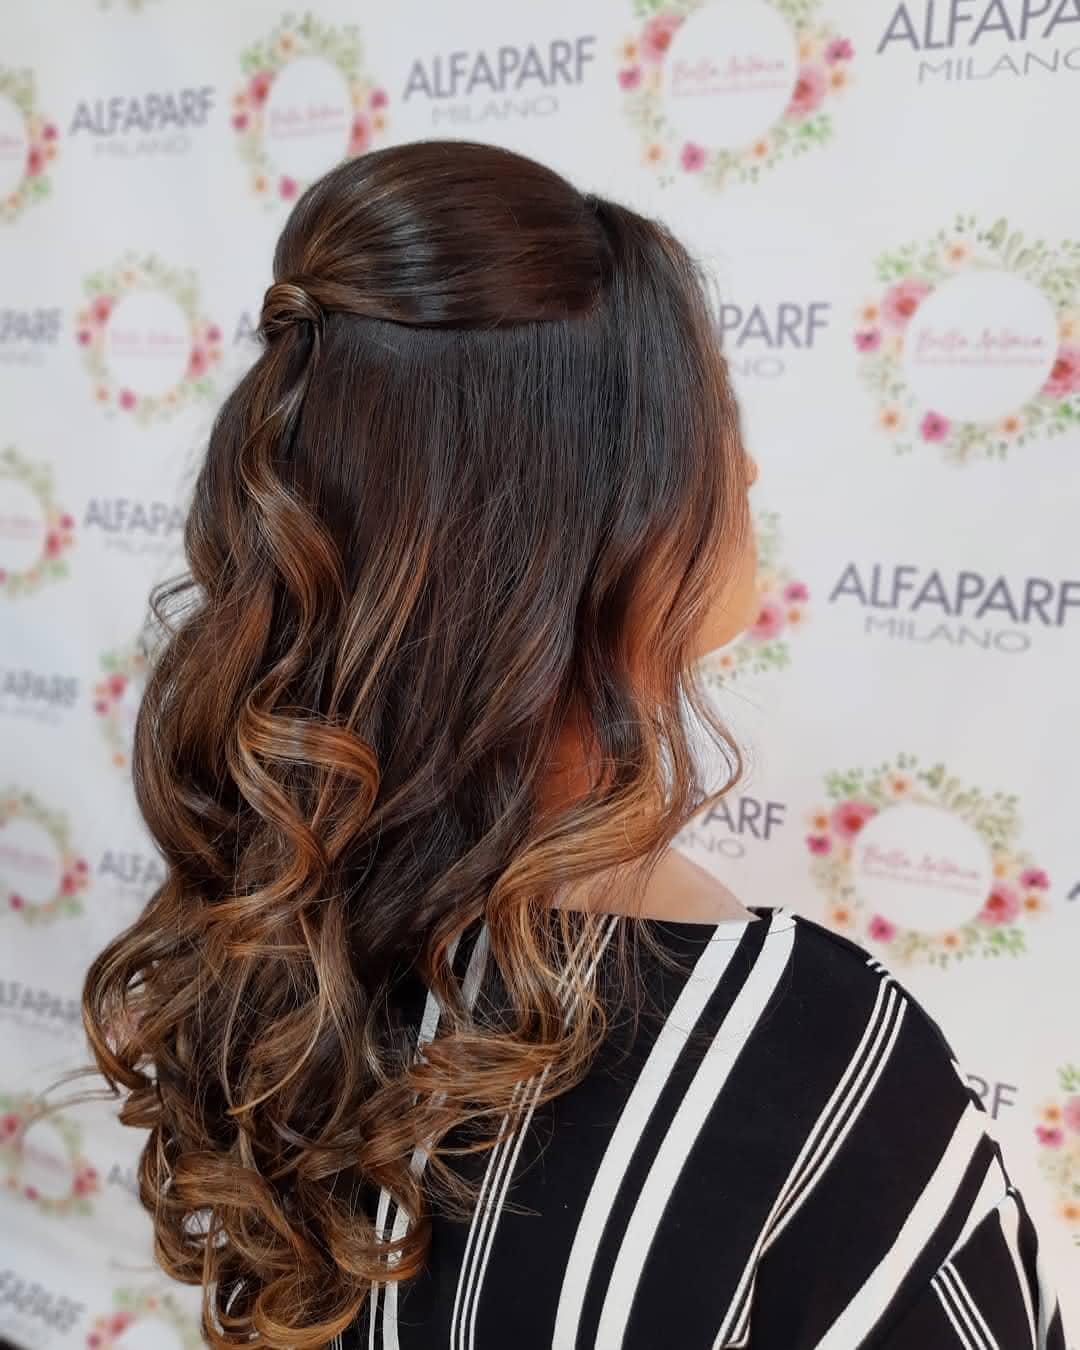 Penteados com cabelos soltos 2020